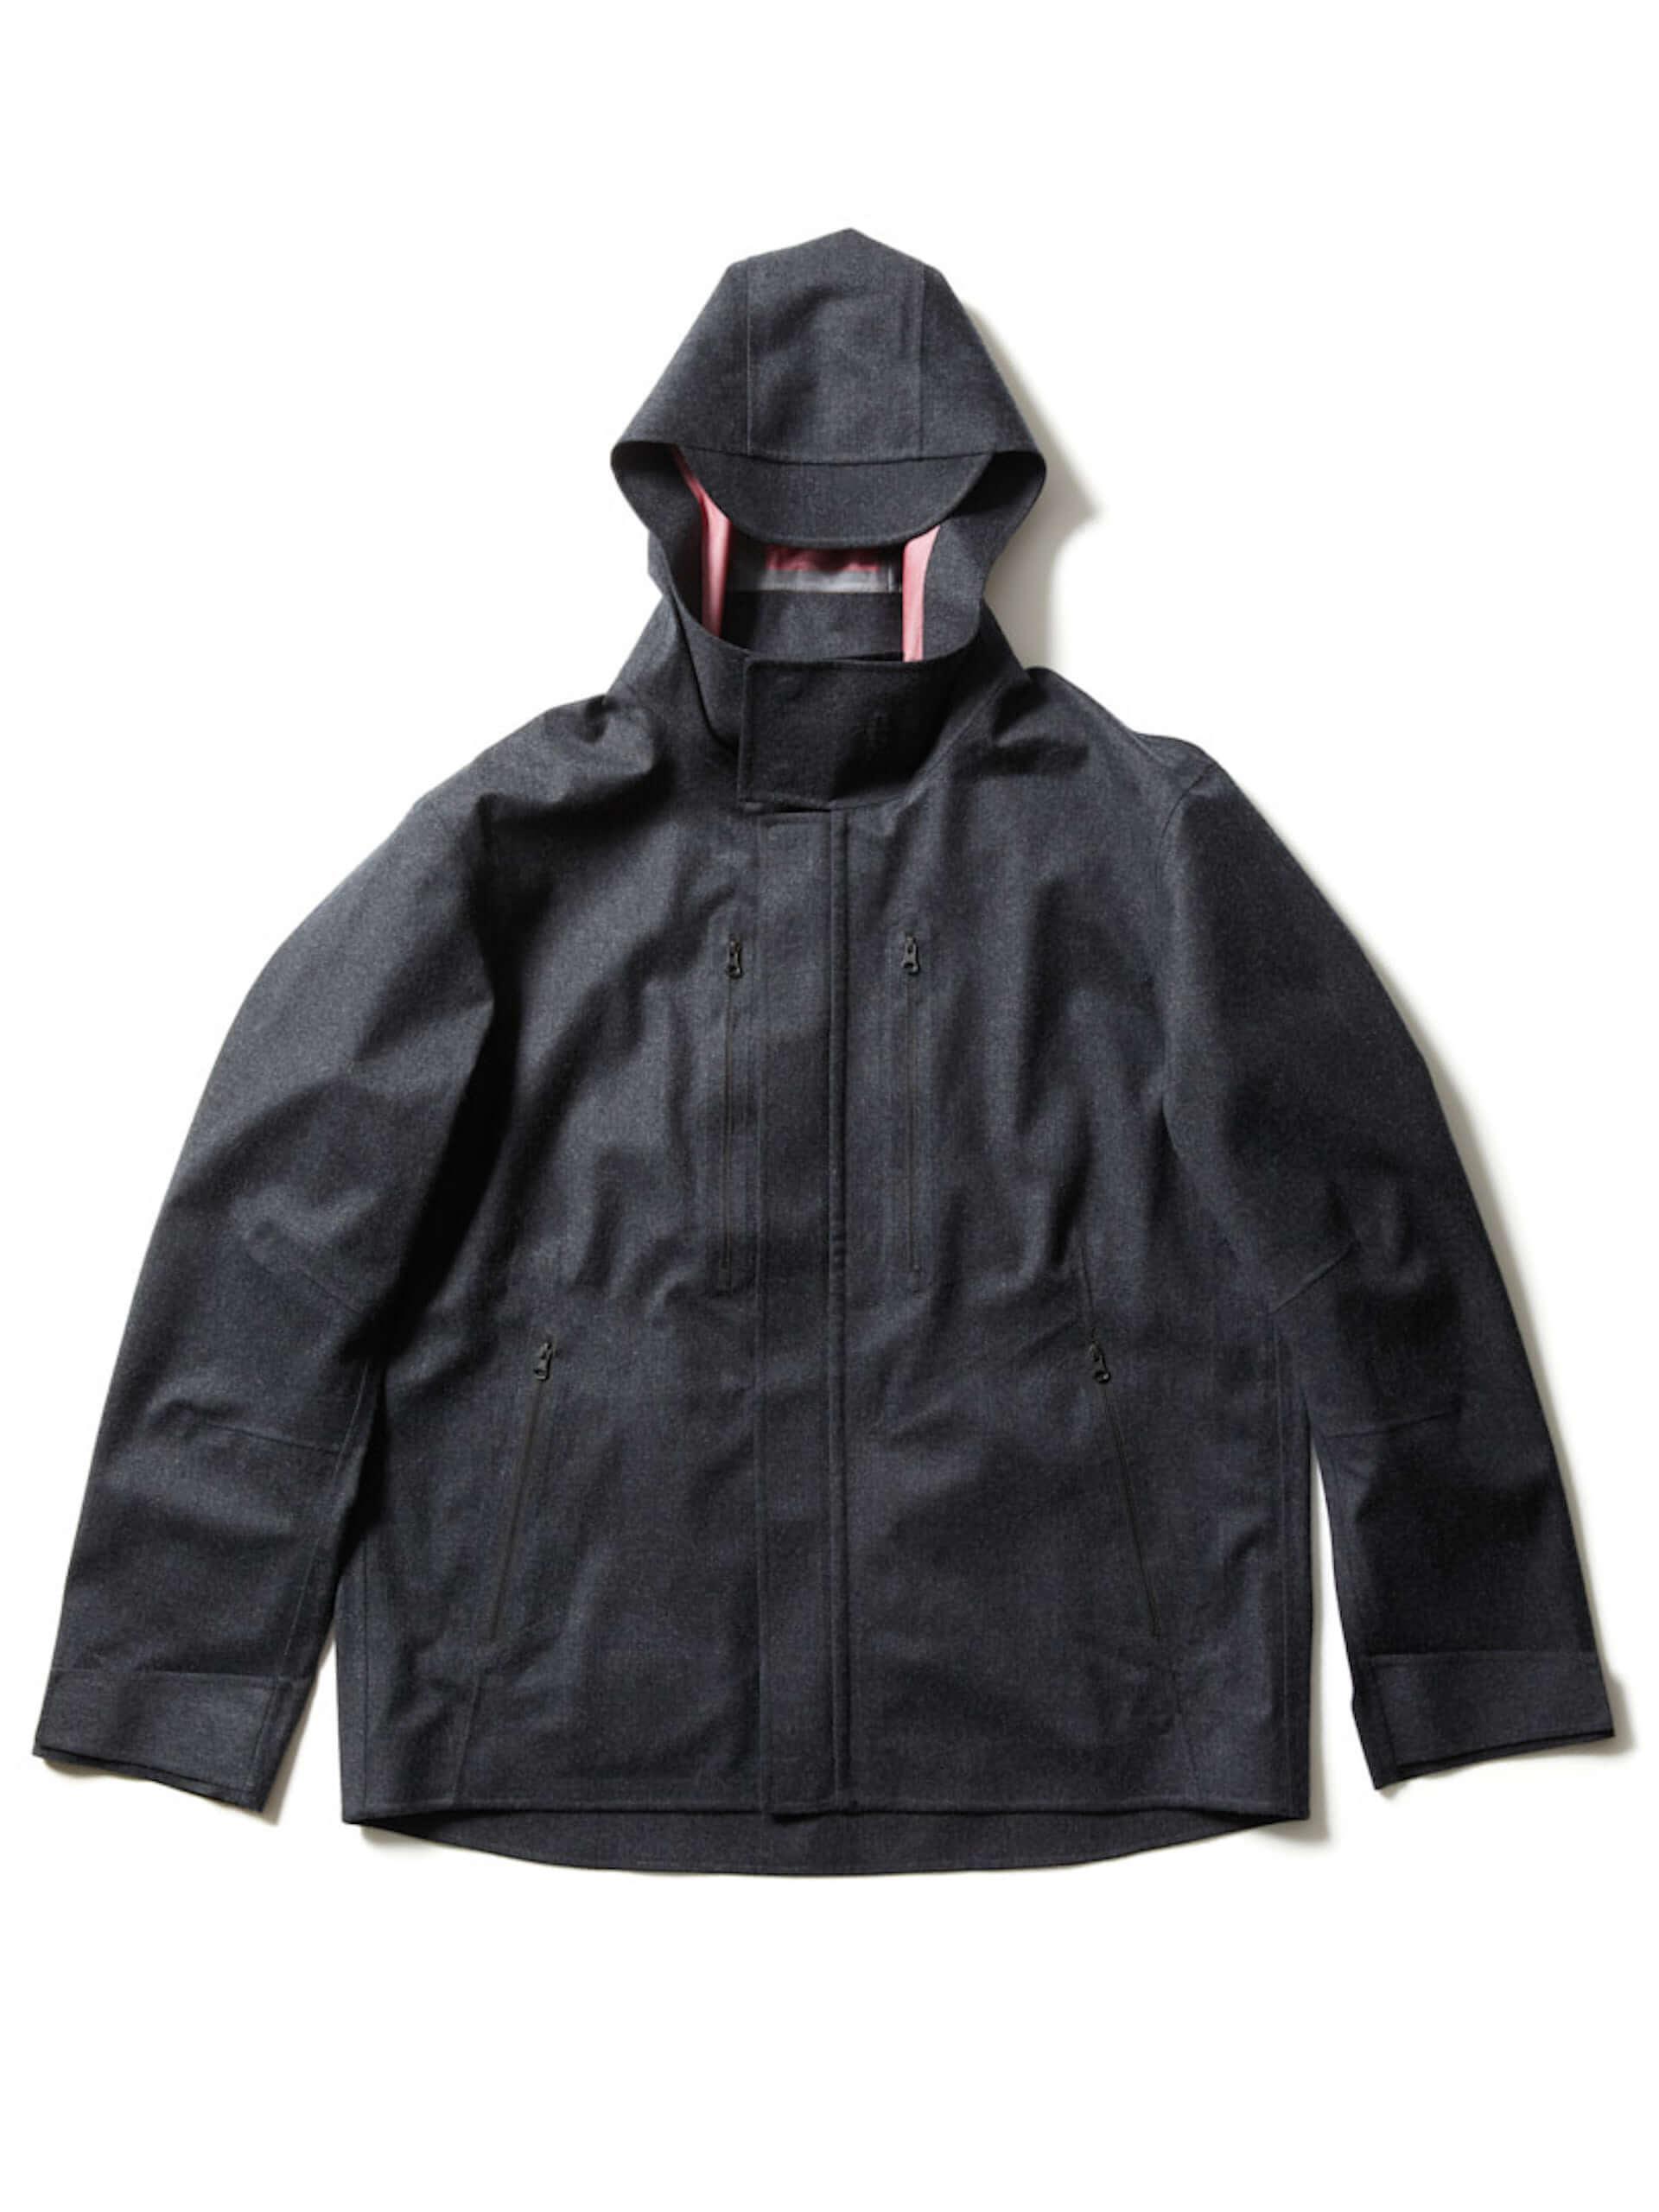 フィッシングにも最適!D-VECから防寒性に優れたジャケットやベスト、パーカーなど最新アイテムが登場 lf210107_d-vec_9-1920x2560